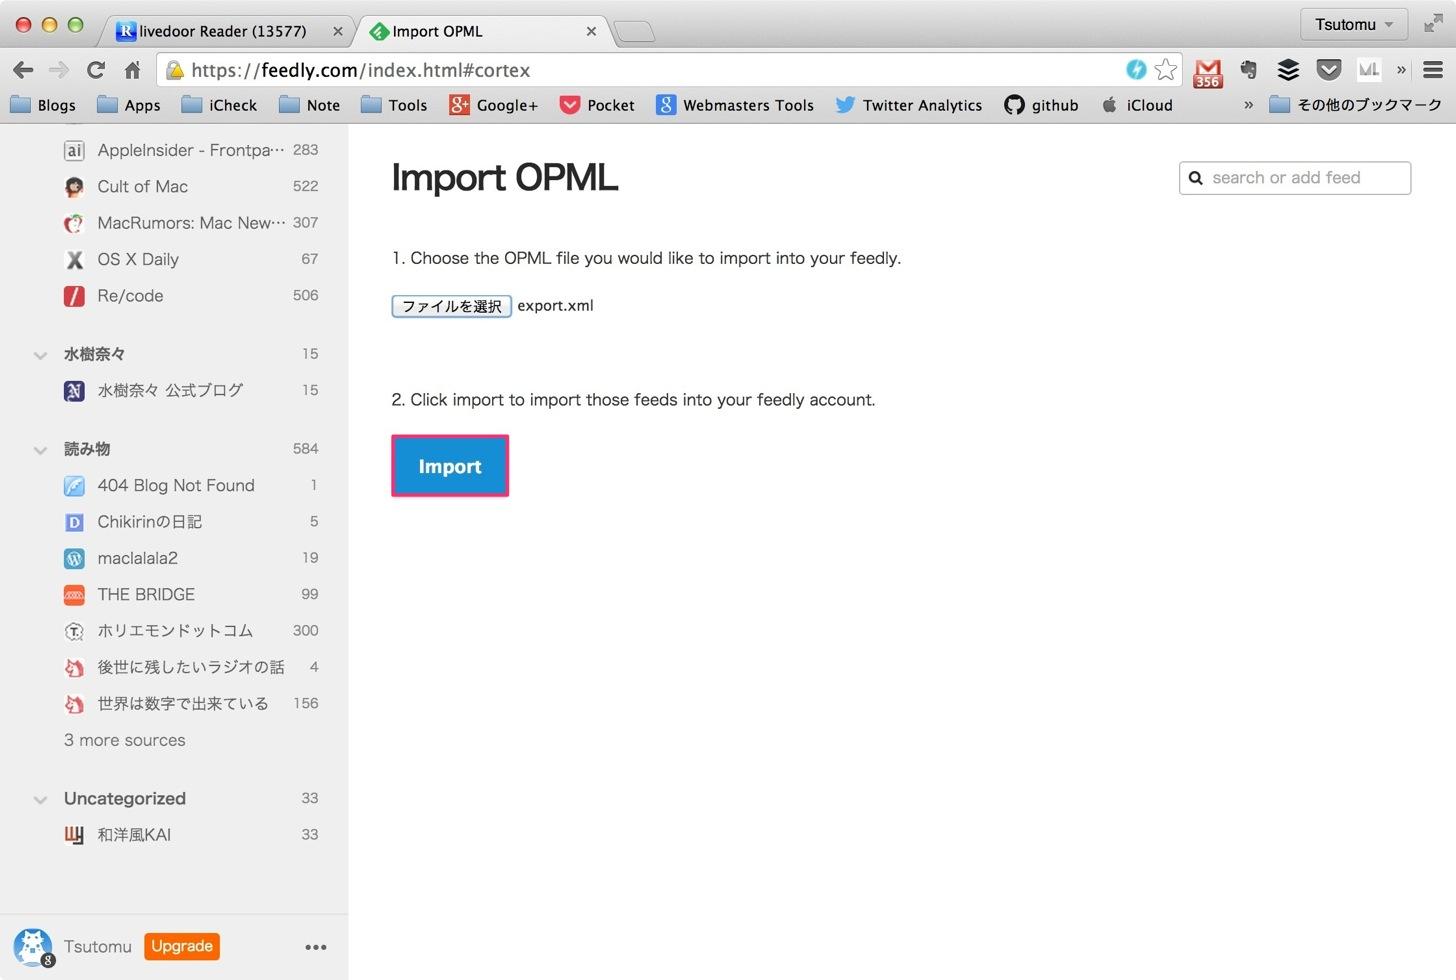 Importボタンをクリックします。